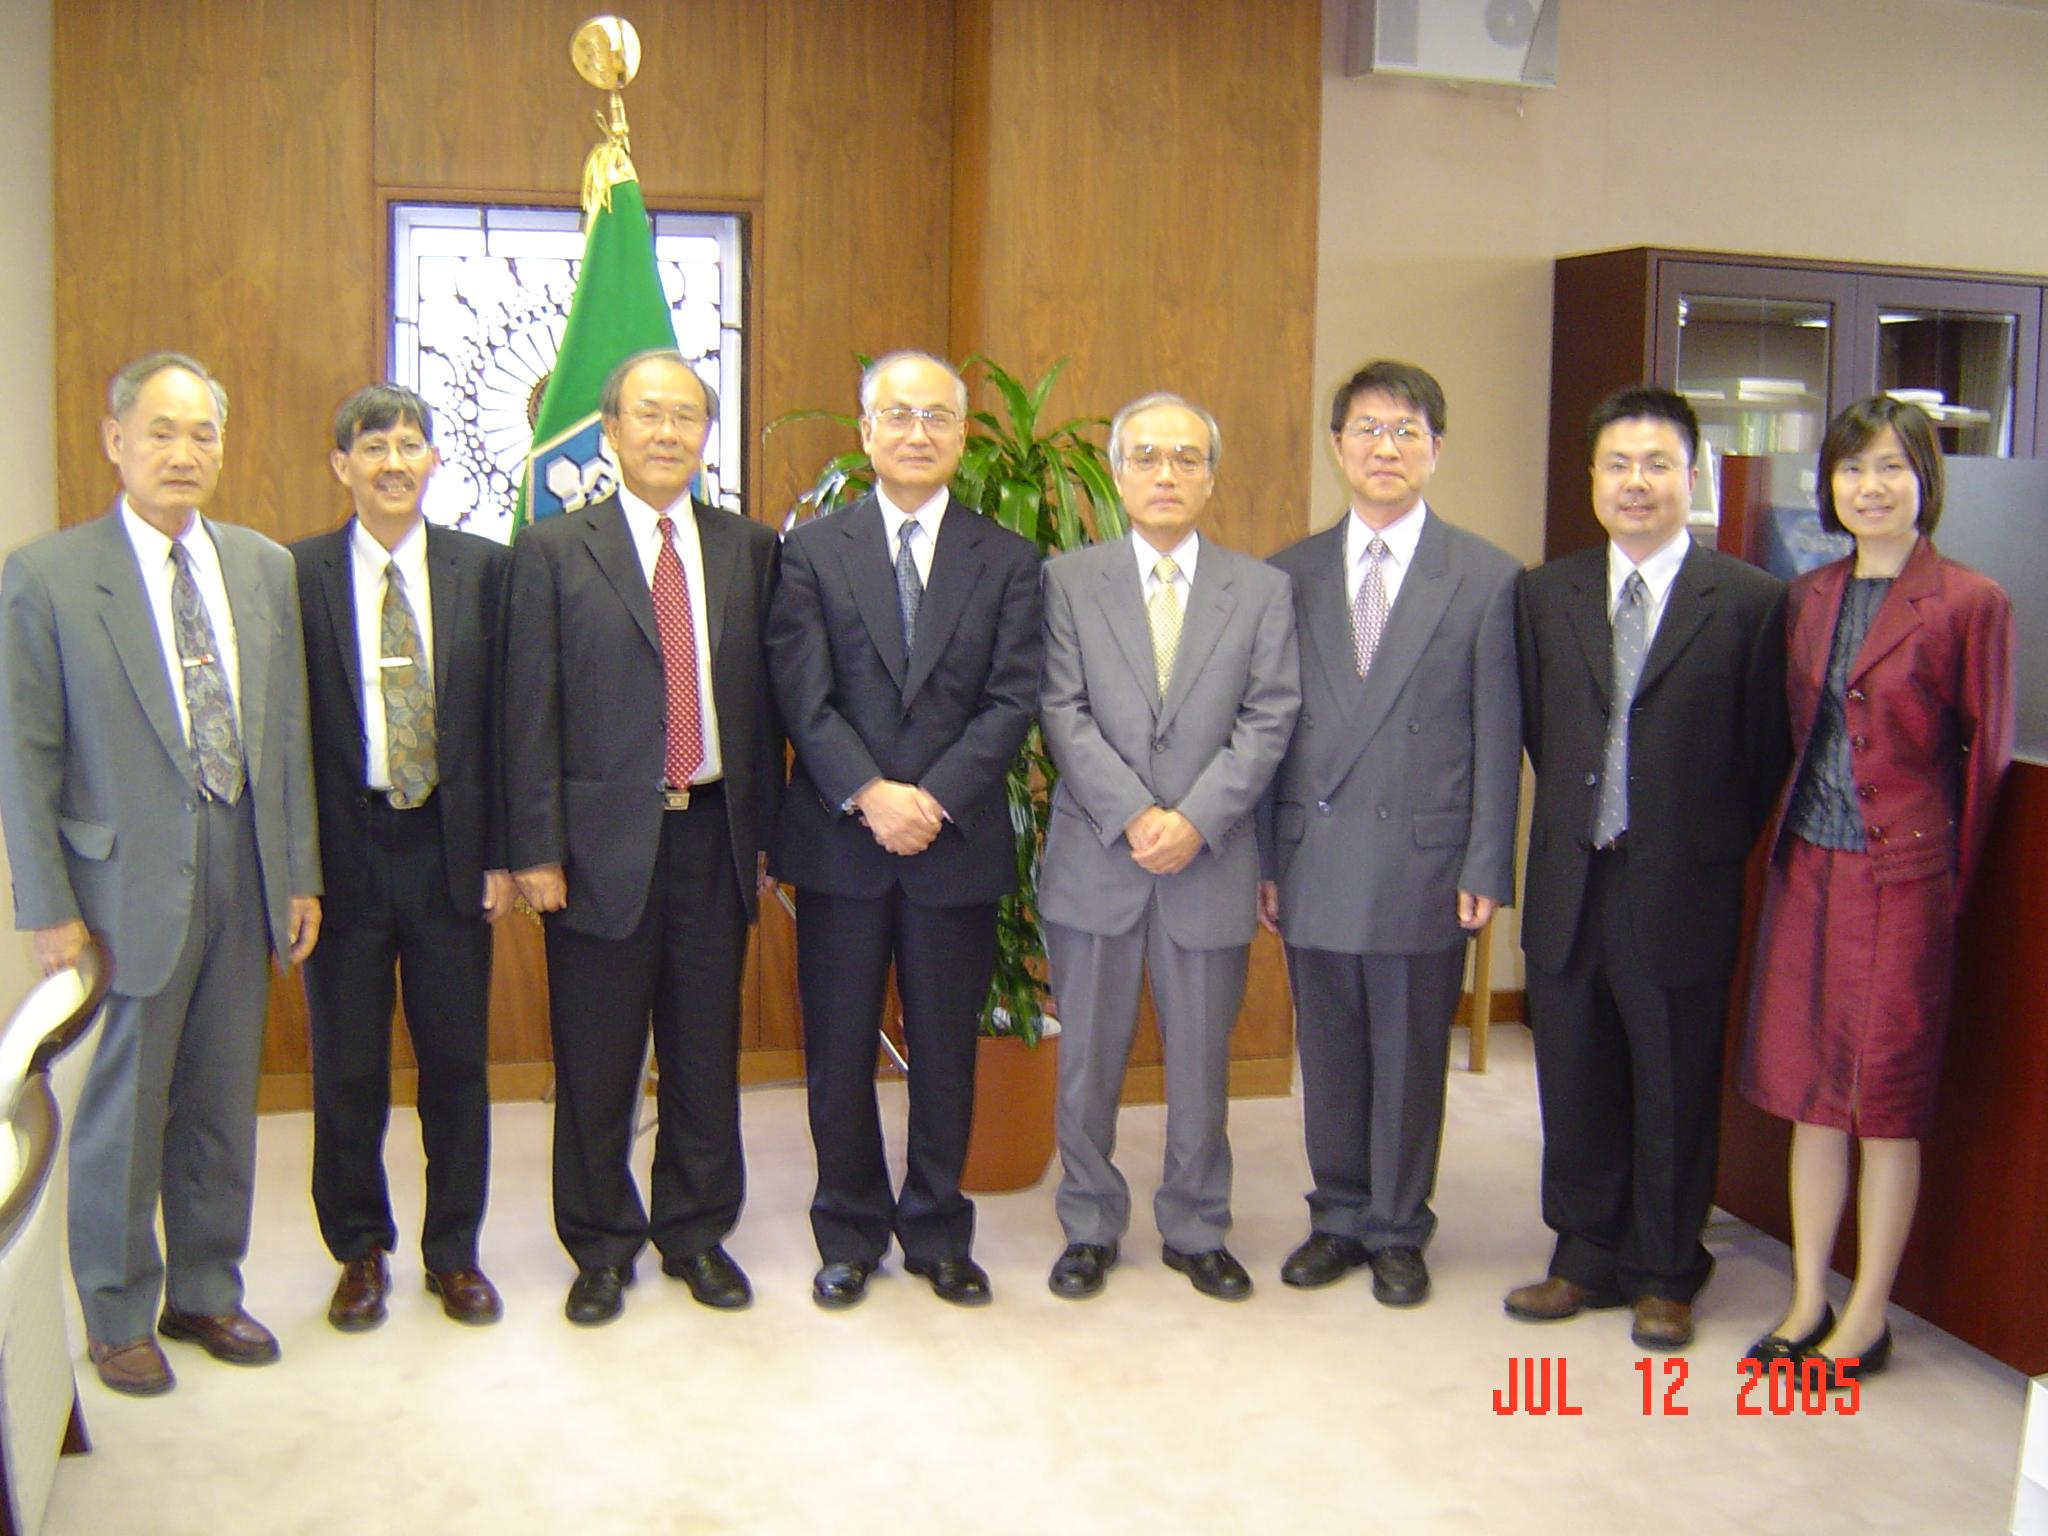 理學院與日本新潟大學簽訂學術交流合約 雙方互派學生